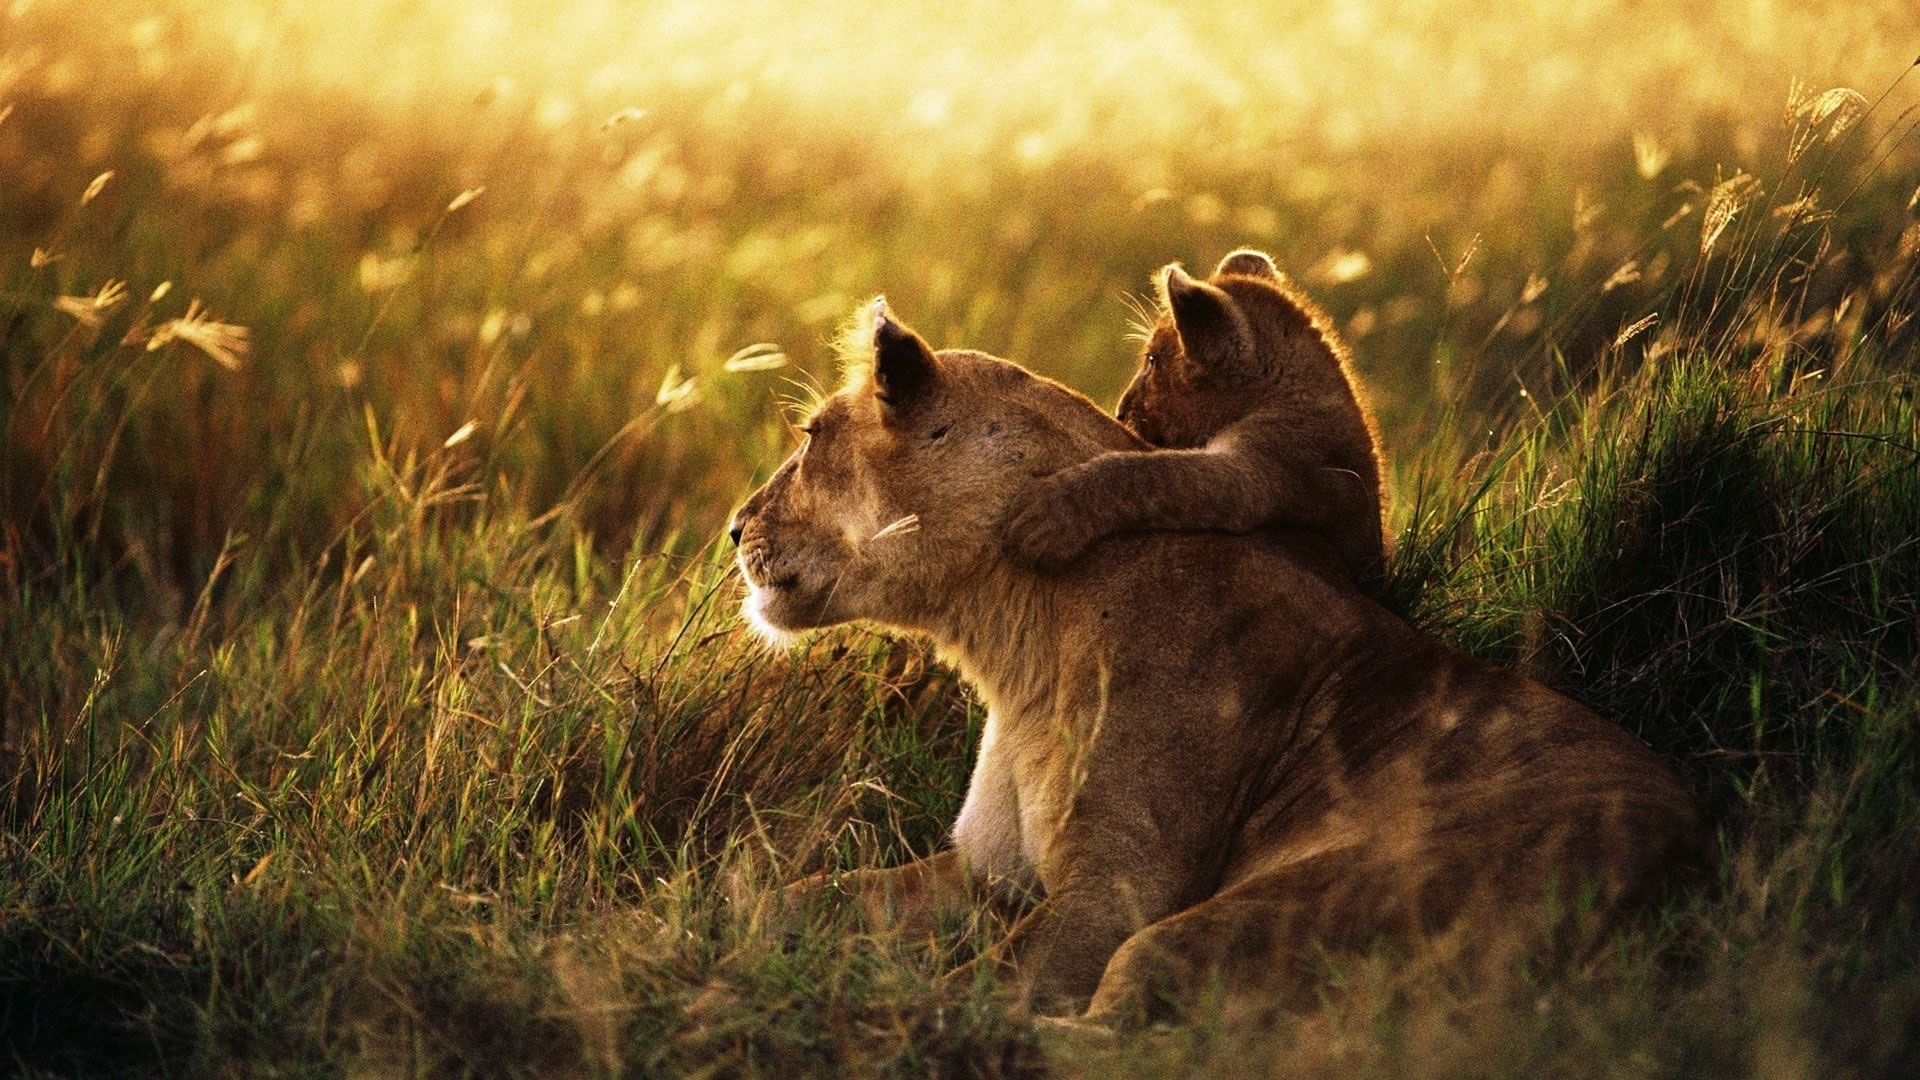 download wallpaper: een leeuwin en haar welpje op de savanne wallpaper